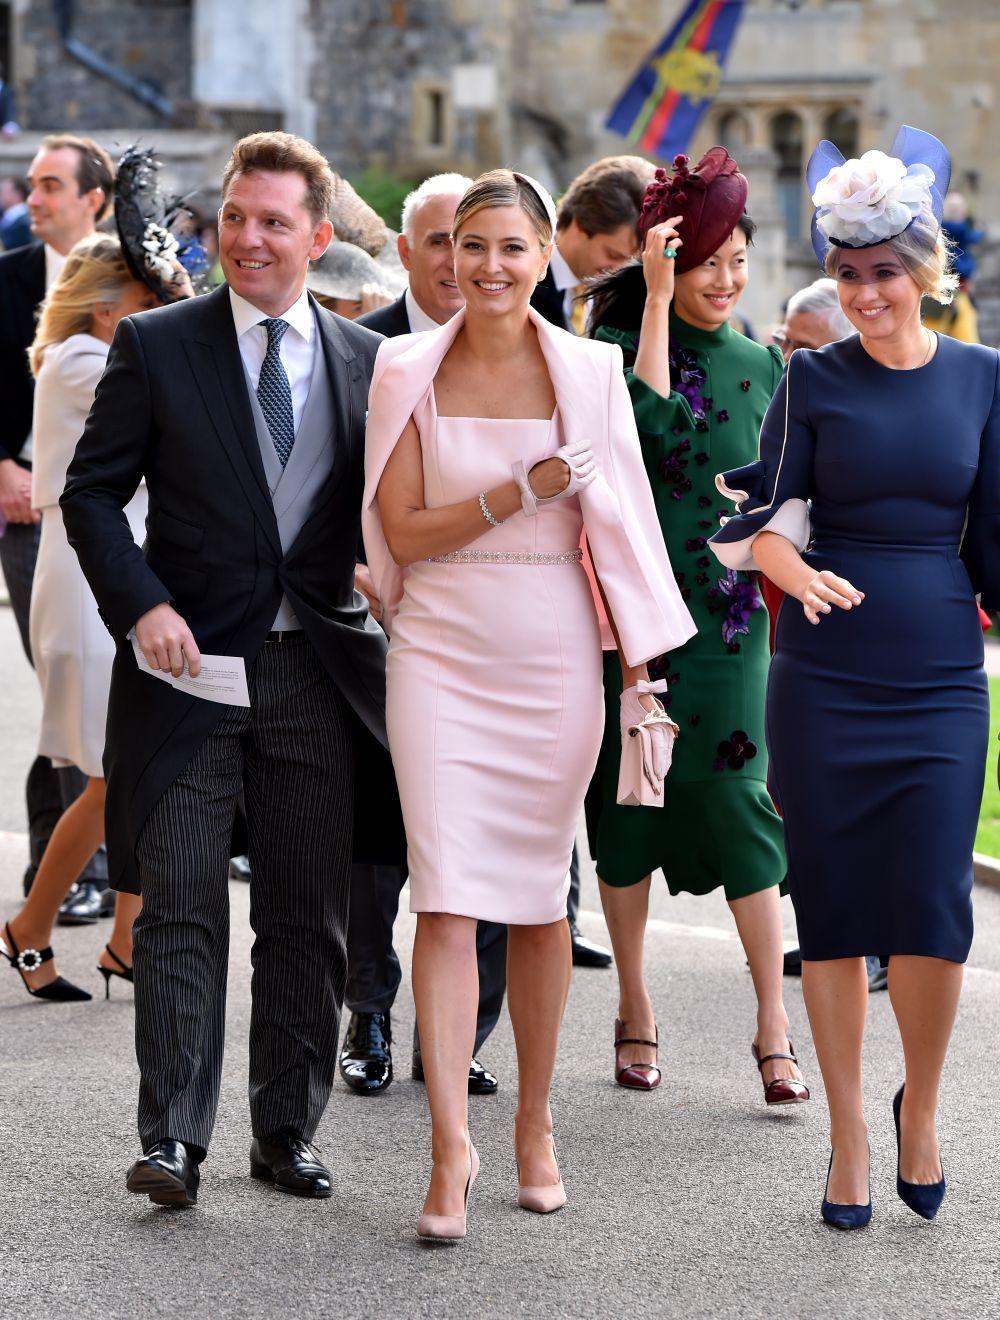 dàn sao đến tham dự đám cưới của công chúa Eugenie 3